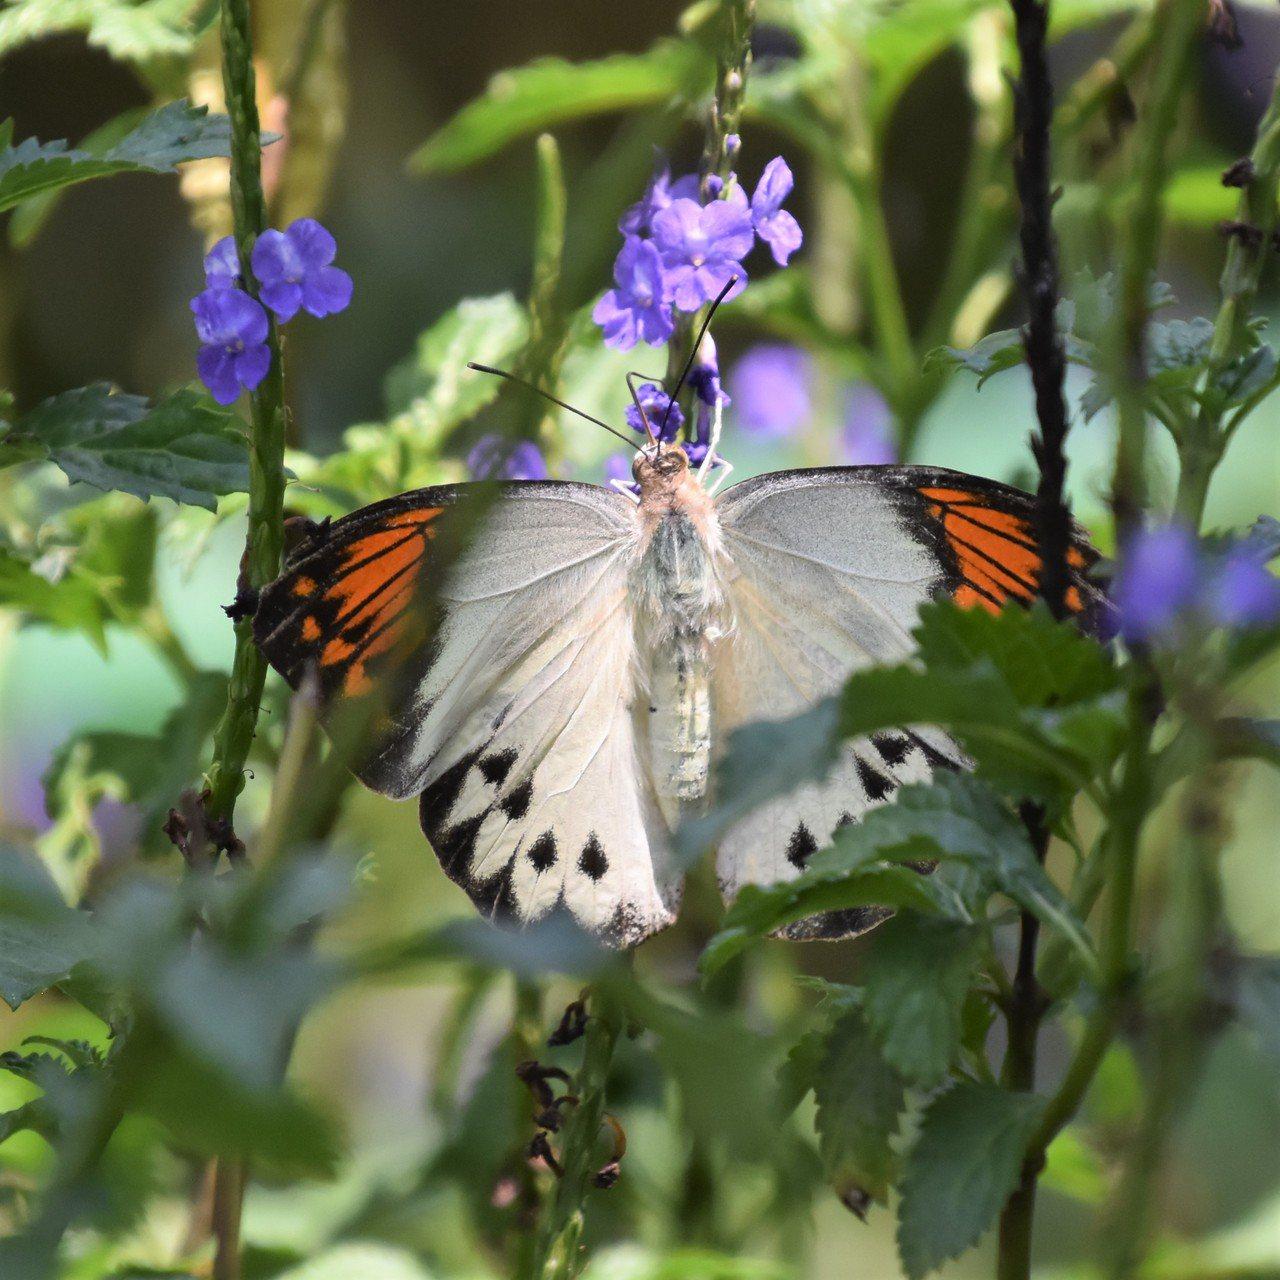 端紅蝶是最大的粉蝶,前翅背面頂角有三角型橙紅色斑紋,據說橙紅色鱗粉含有神經毒。 ...